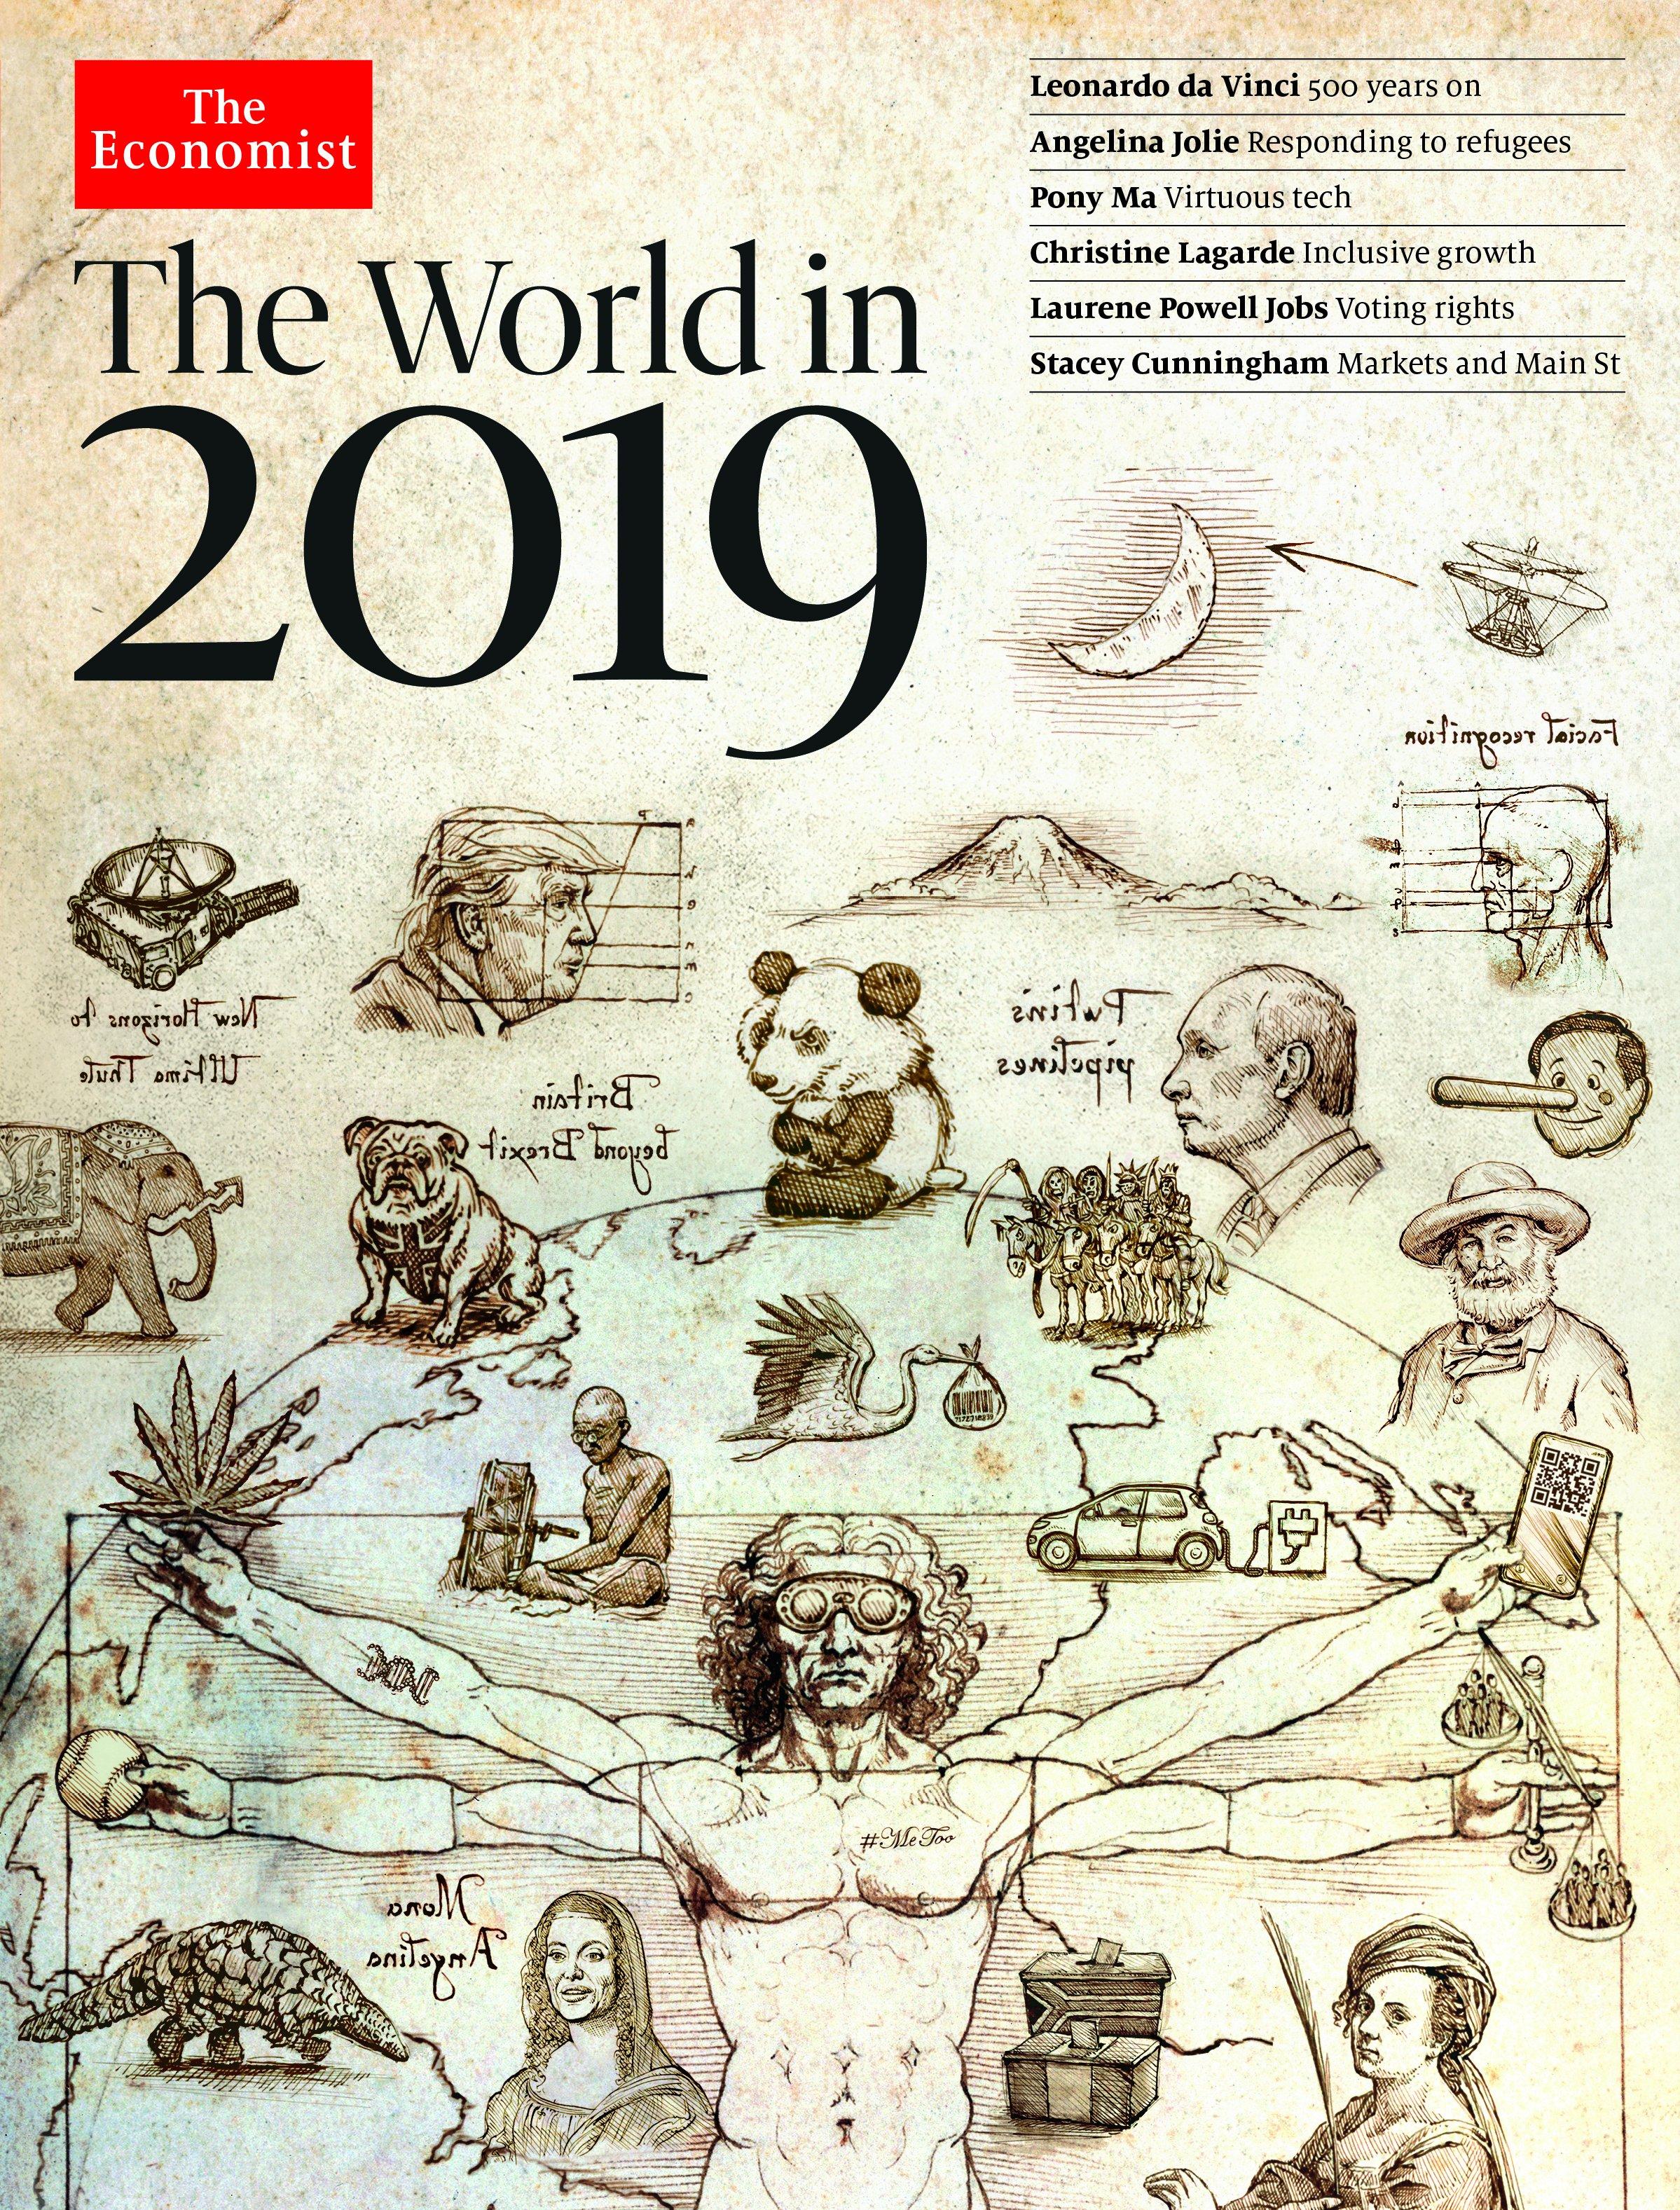 Обложка журнала TheEconomist за 2019 год.